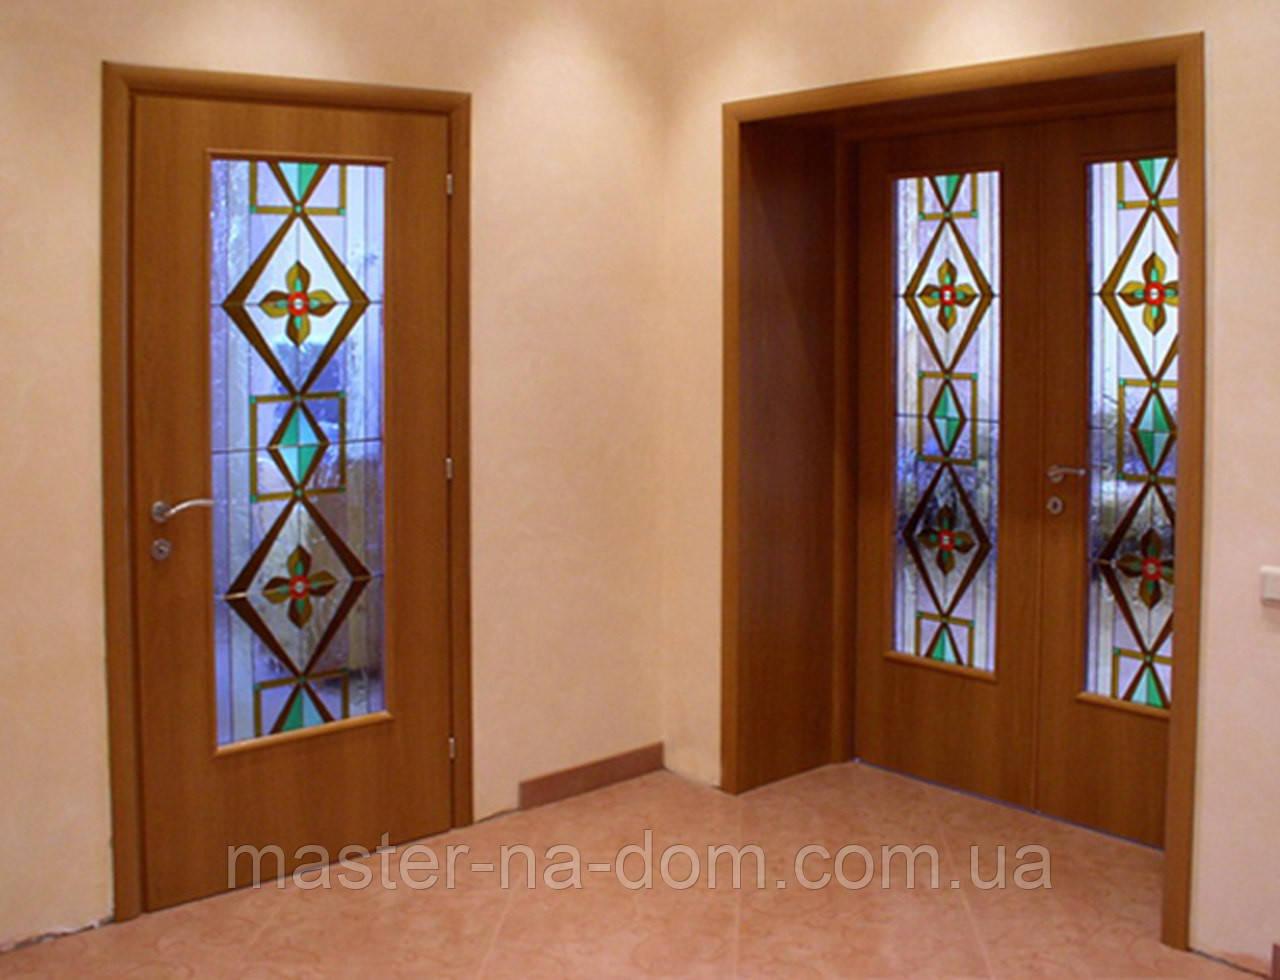 Установка вхідних і міжкімнатних дверей у Луцьку